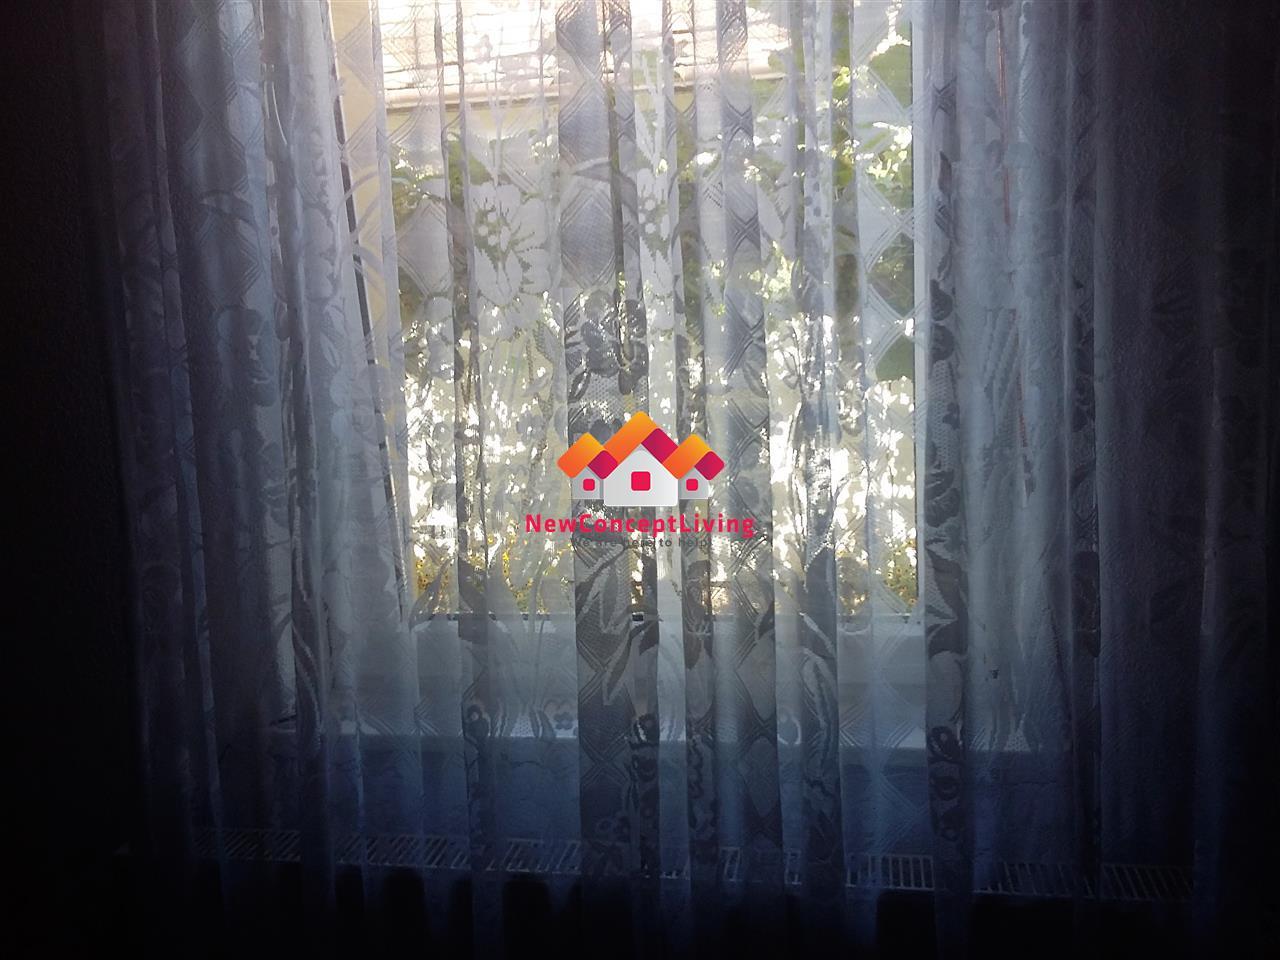 Casa de vanzare SINGUR IN CURTE INTABULATA 7 camere 2 bai 266 mp utili